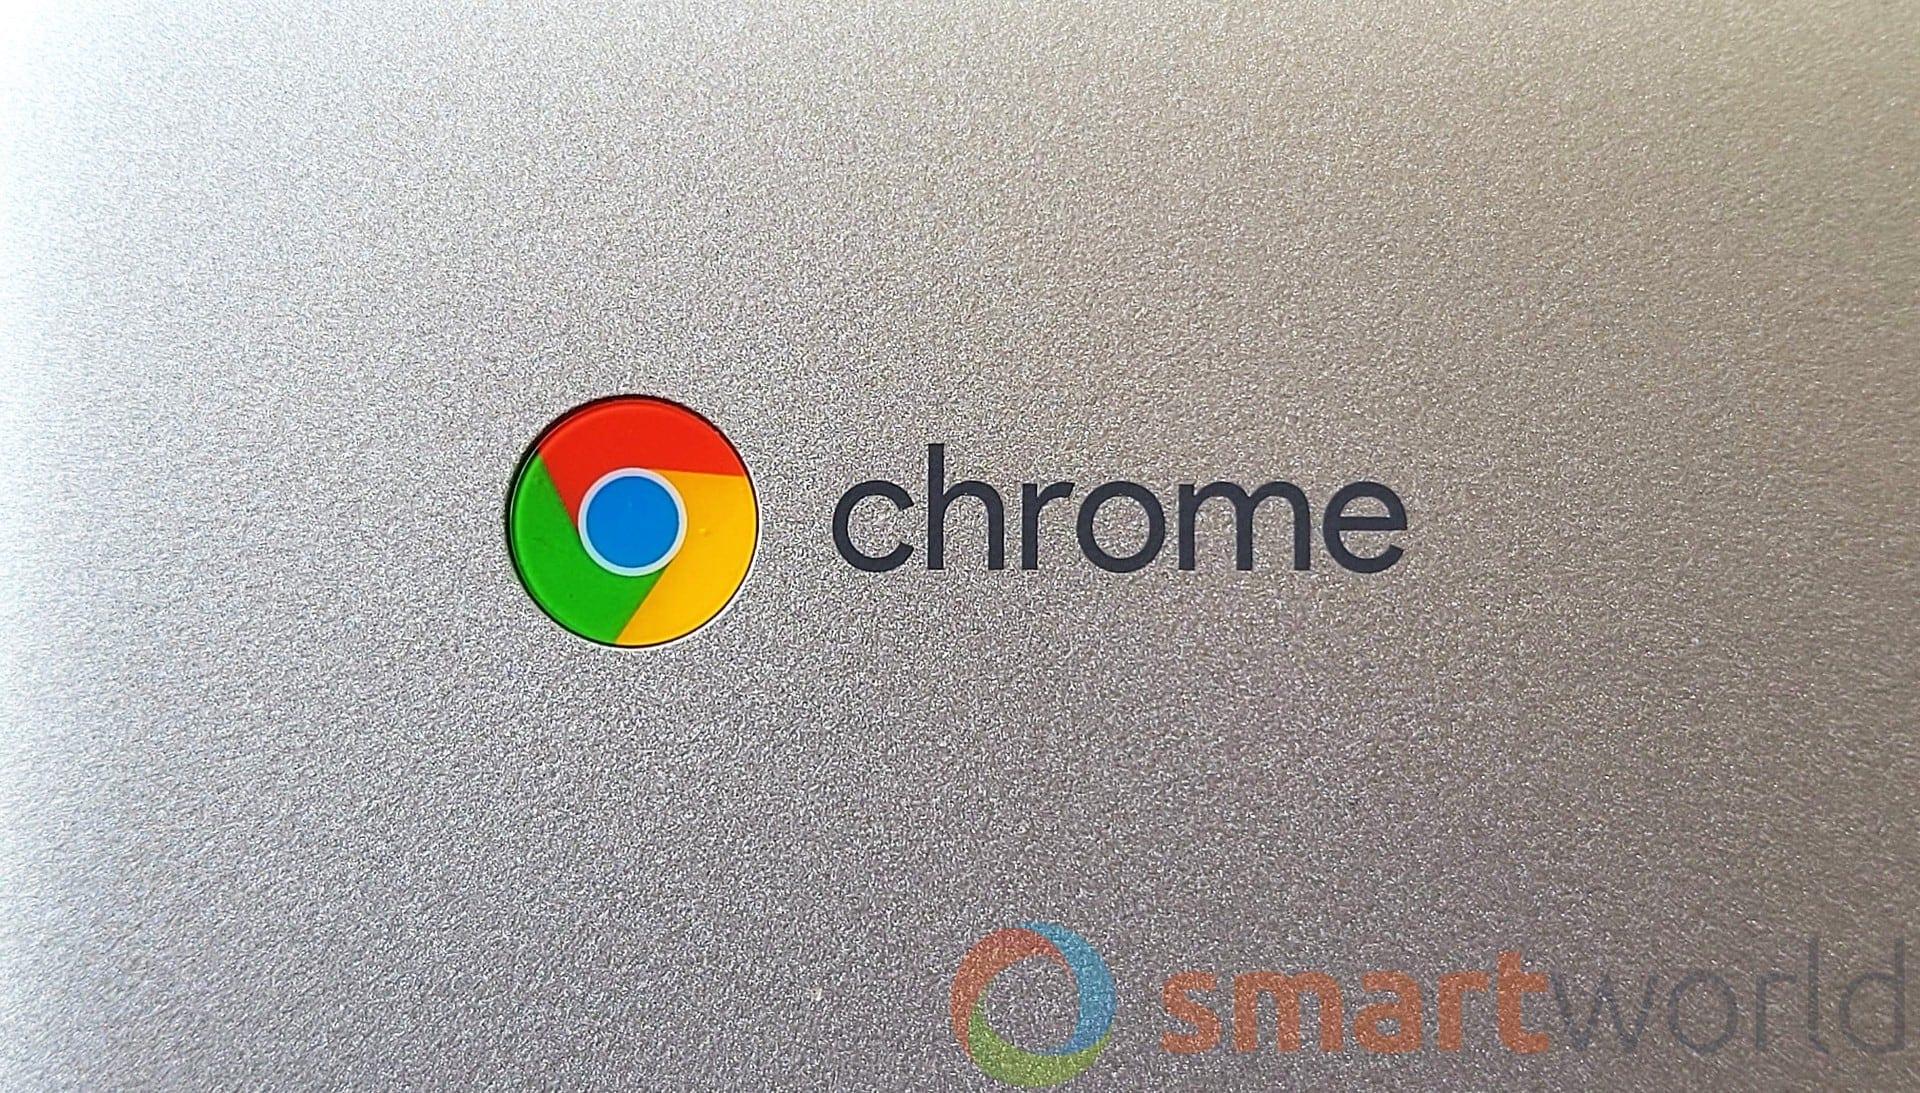 Le novità di Chrome per le estensioni: potenziali brutte notizie per gli adblock (foto)